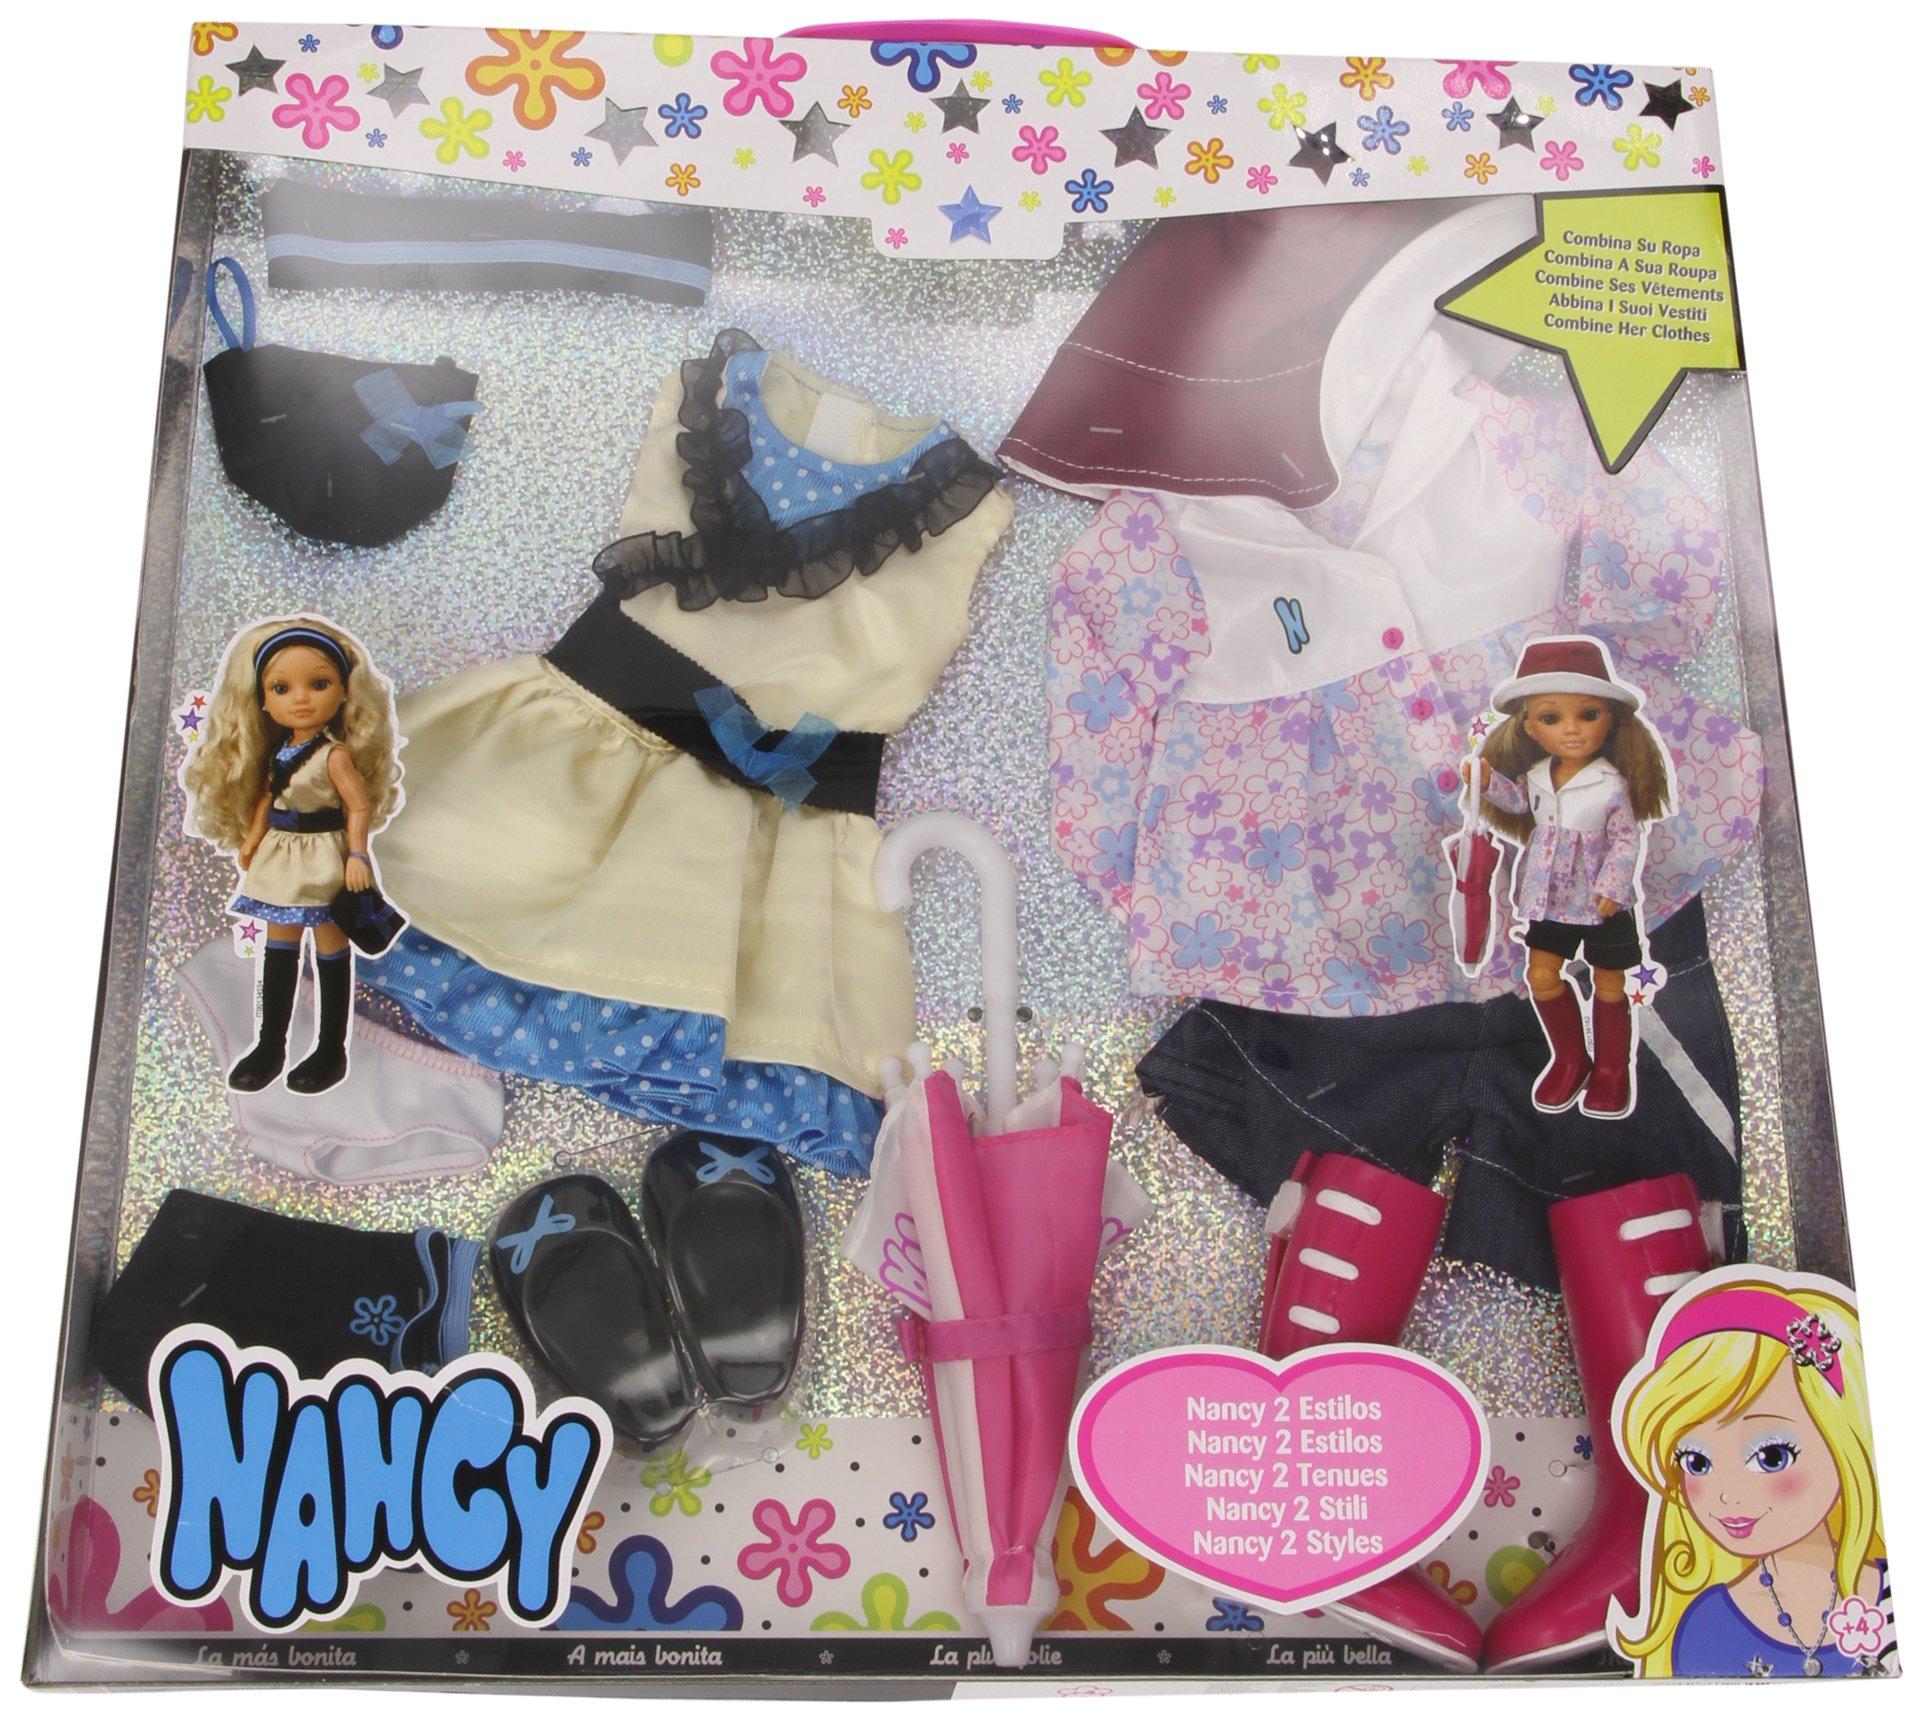 Amazon.es: Nancy - Pack de Accesorios para muñeca (Famosa 700011283): Juguetes y juegos